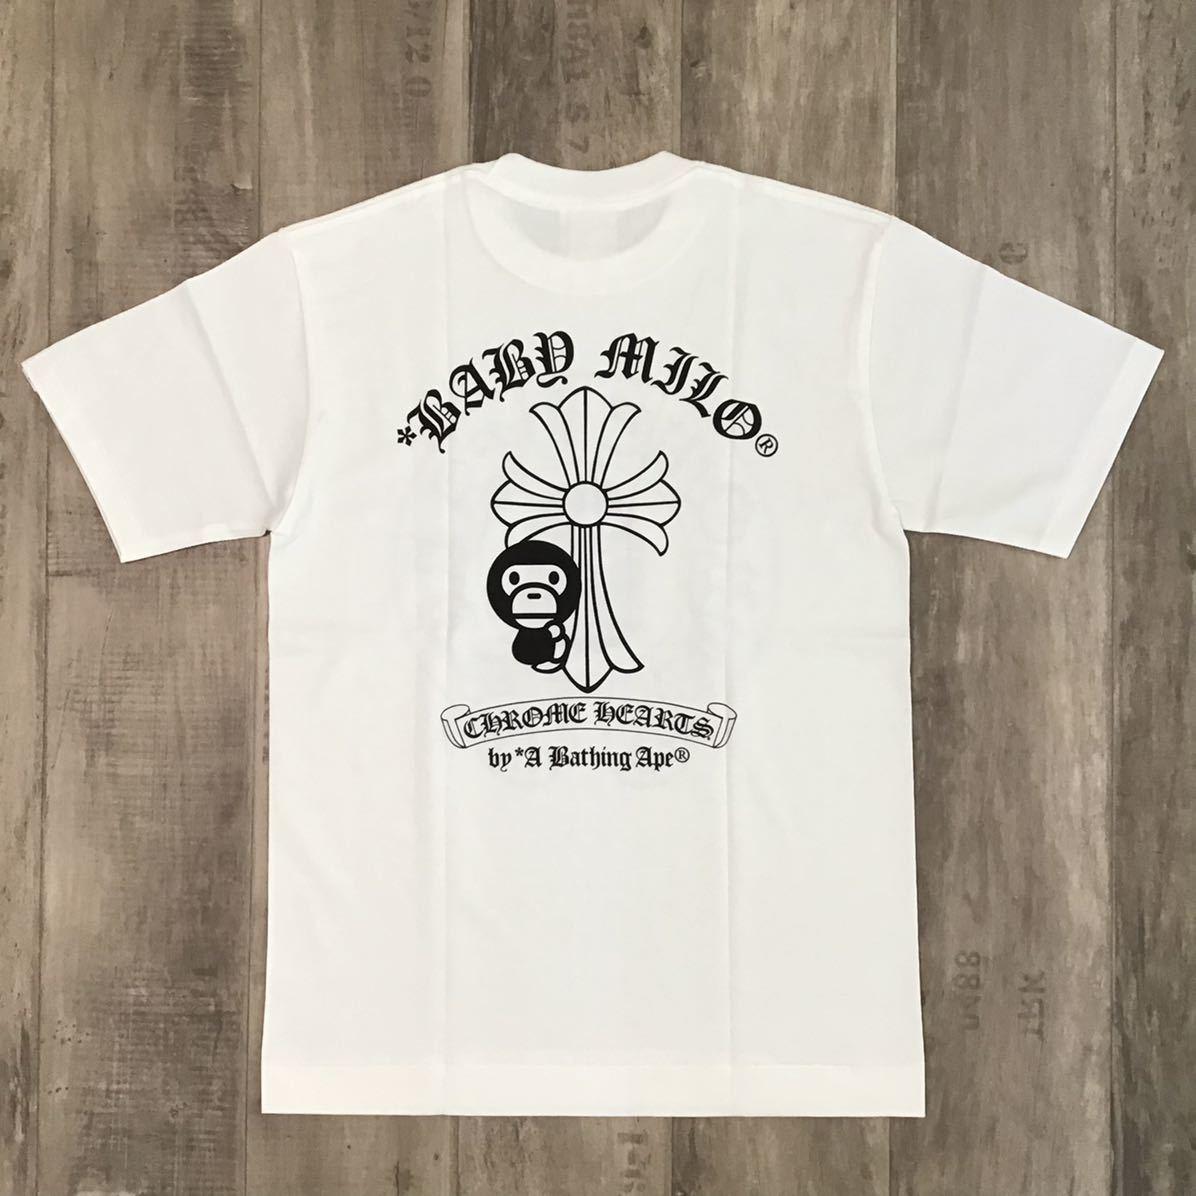 ★新品★ クロムハーツ × bape Tシャツ Sサイズ a bathing ape Chrome Hearts エイプ ベイプ アベイシングエイプ milo マイロ nigo ch82